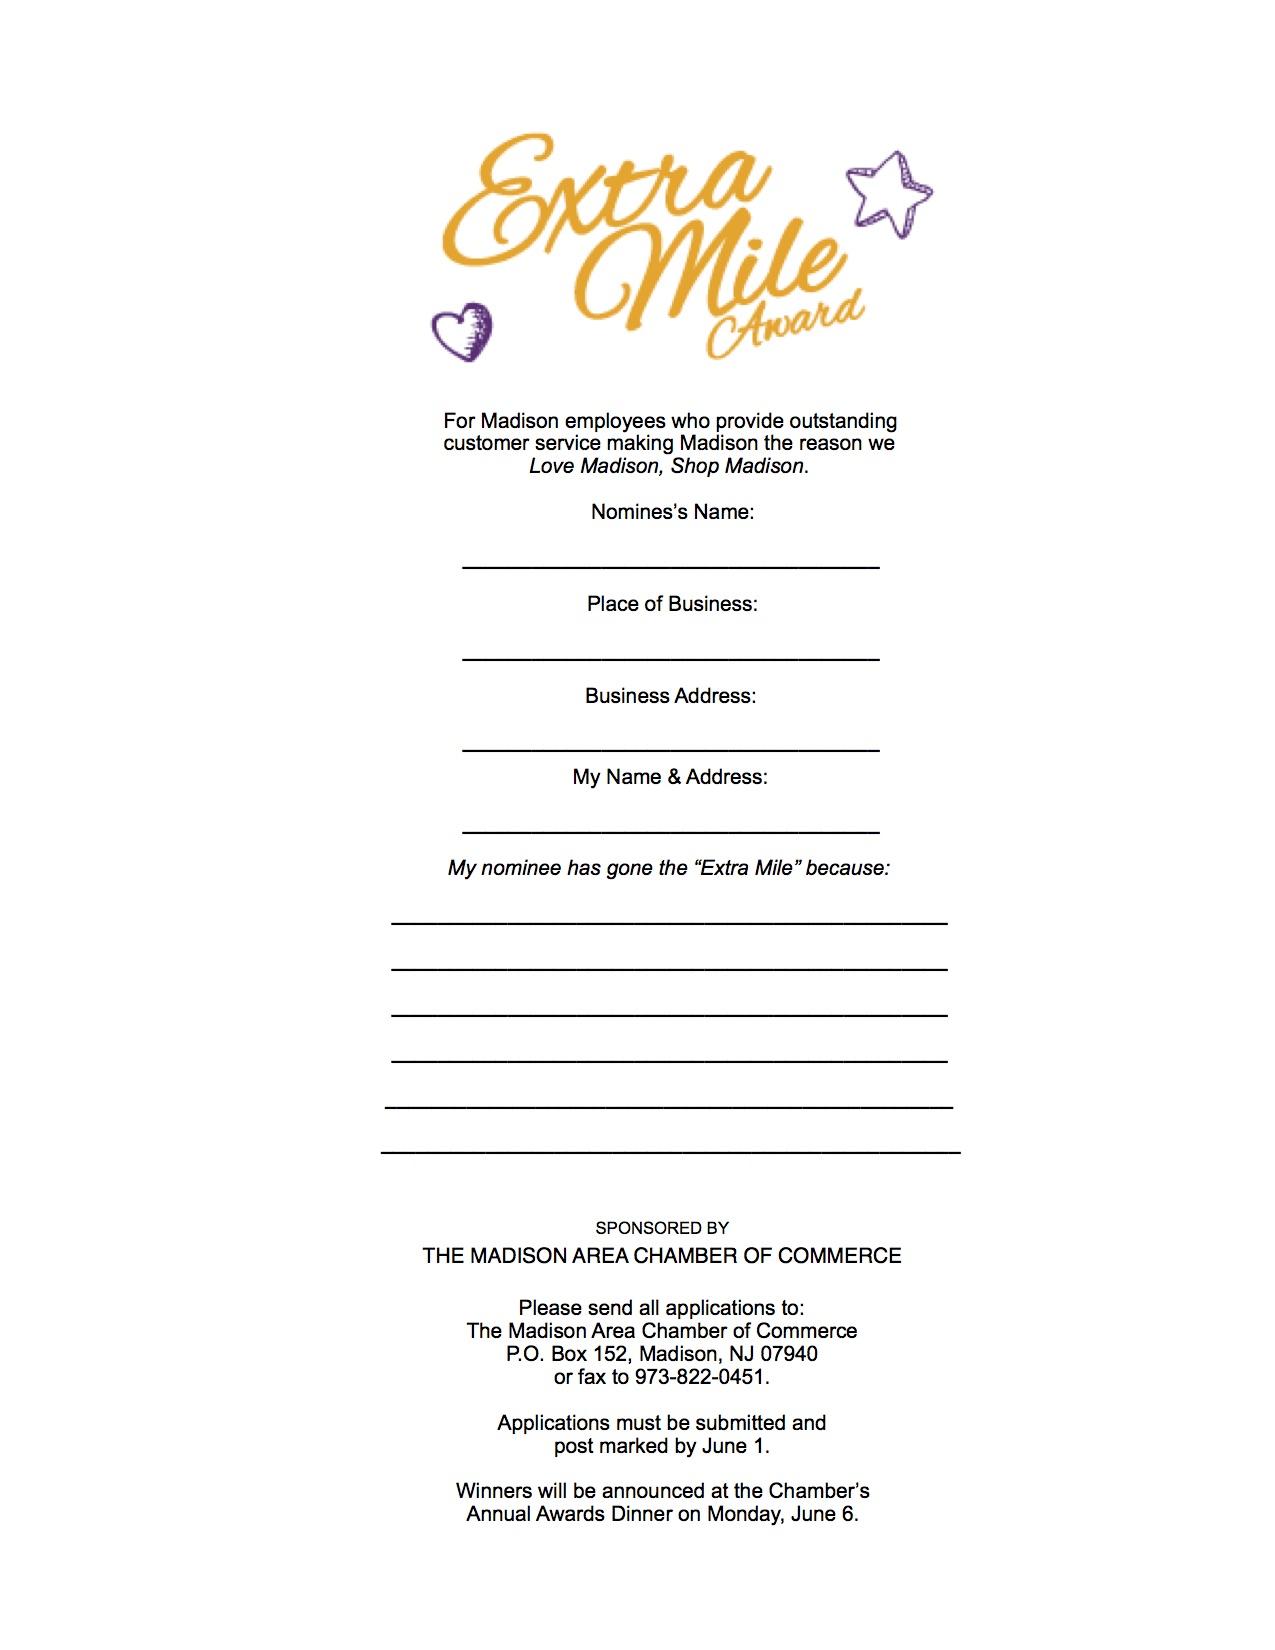 bca77339184d22aa9e55_Extra_Mile_Award_2016_Nomination_Form_Single_copy.jpg